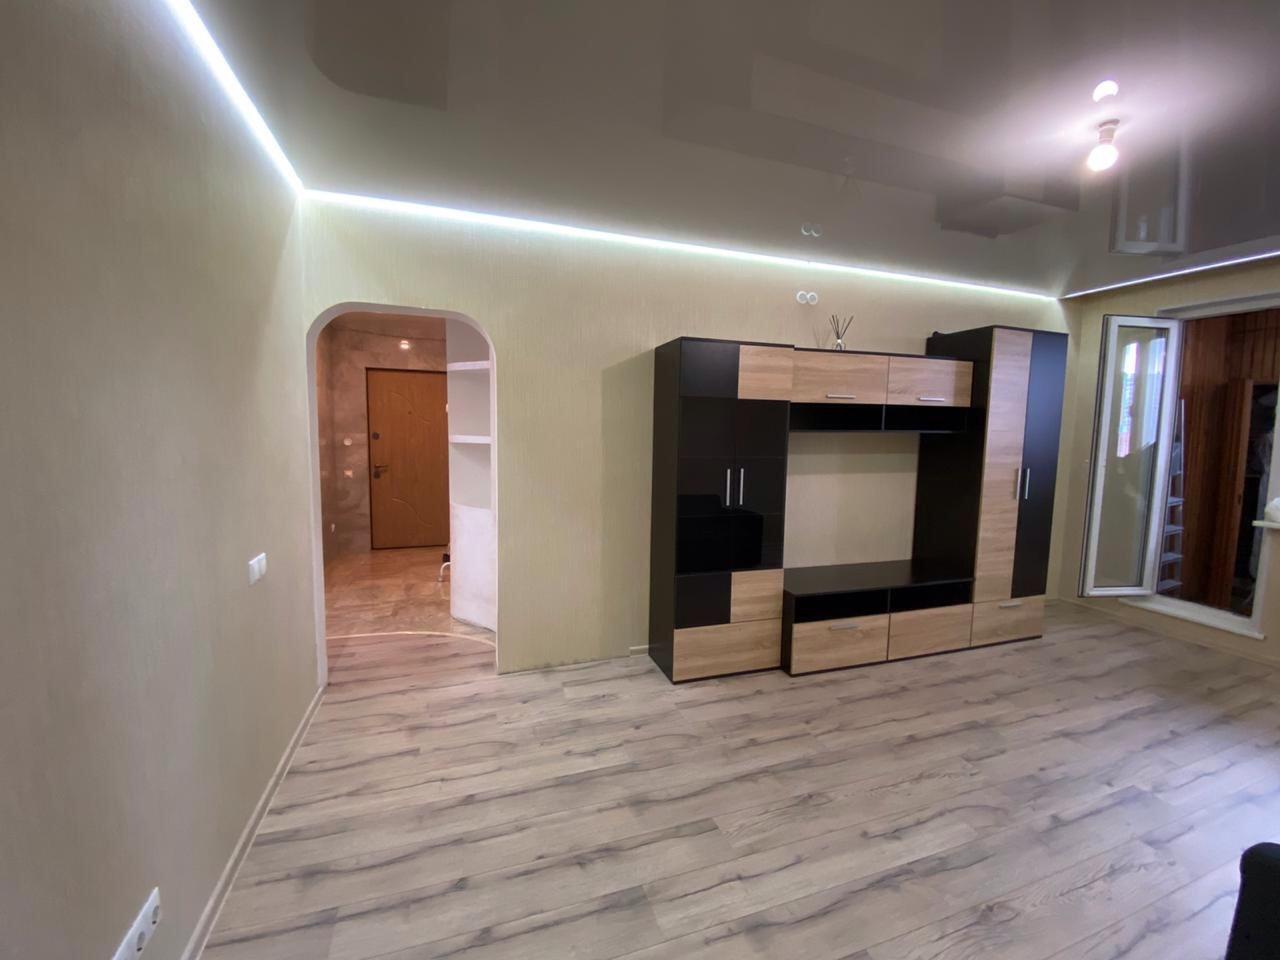 Квартира, 2 комнаты, 58 м² в Москве 89779120685 купить 7